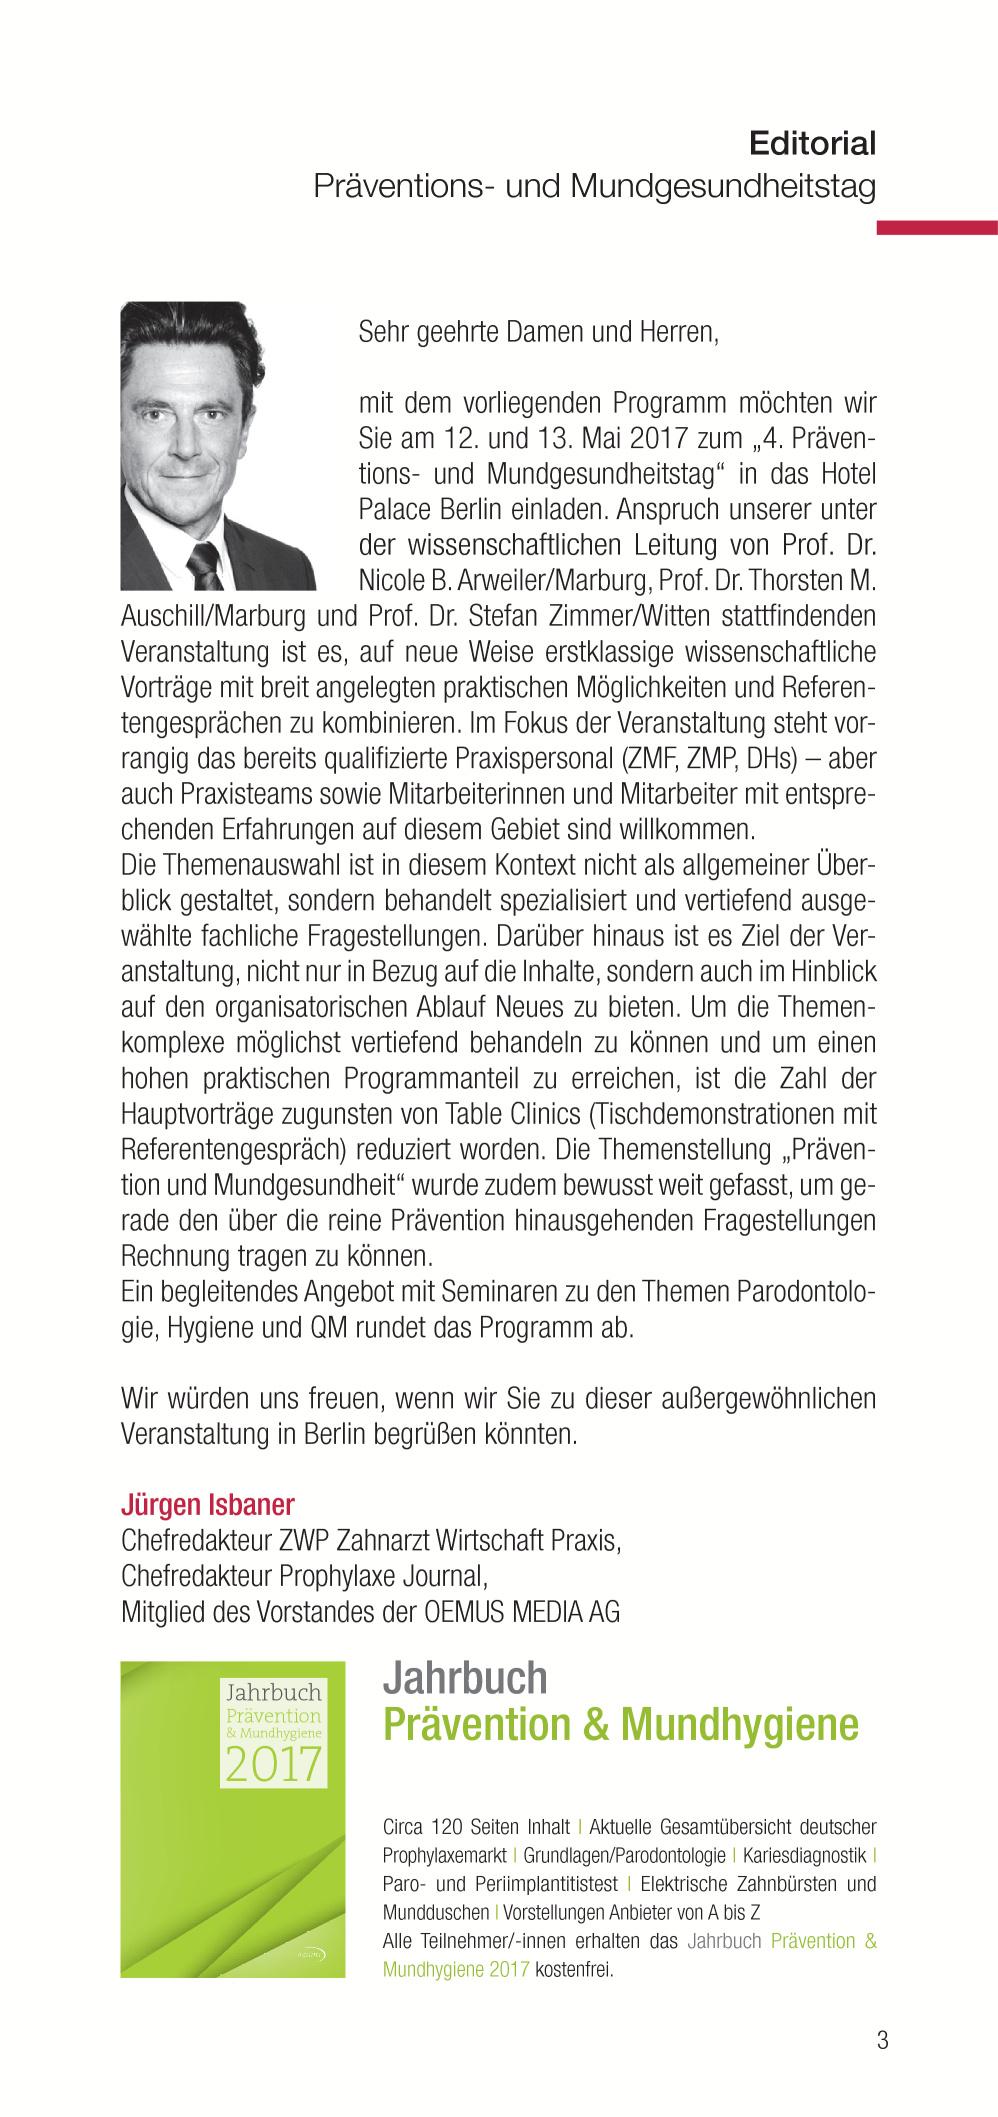 Ziemlich Jahrbuch Chefredakteur Bilder - Entry Level Resume Vorlagen ...